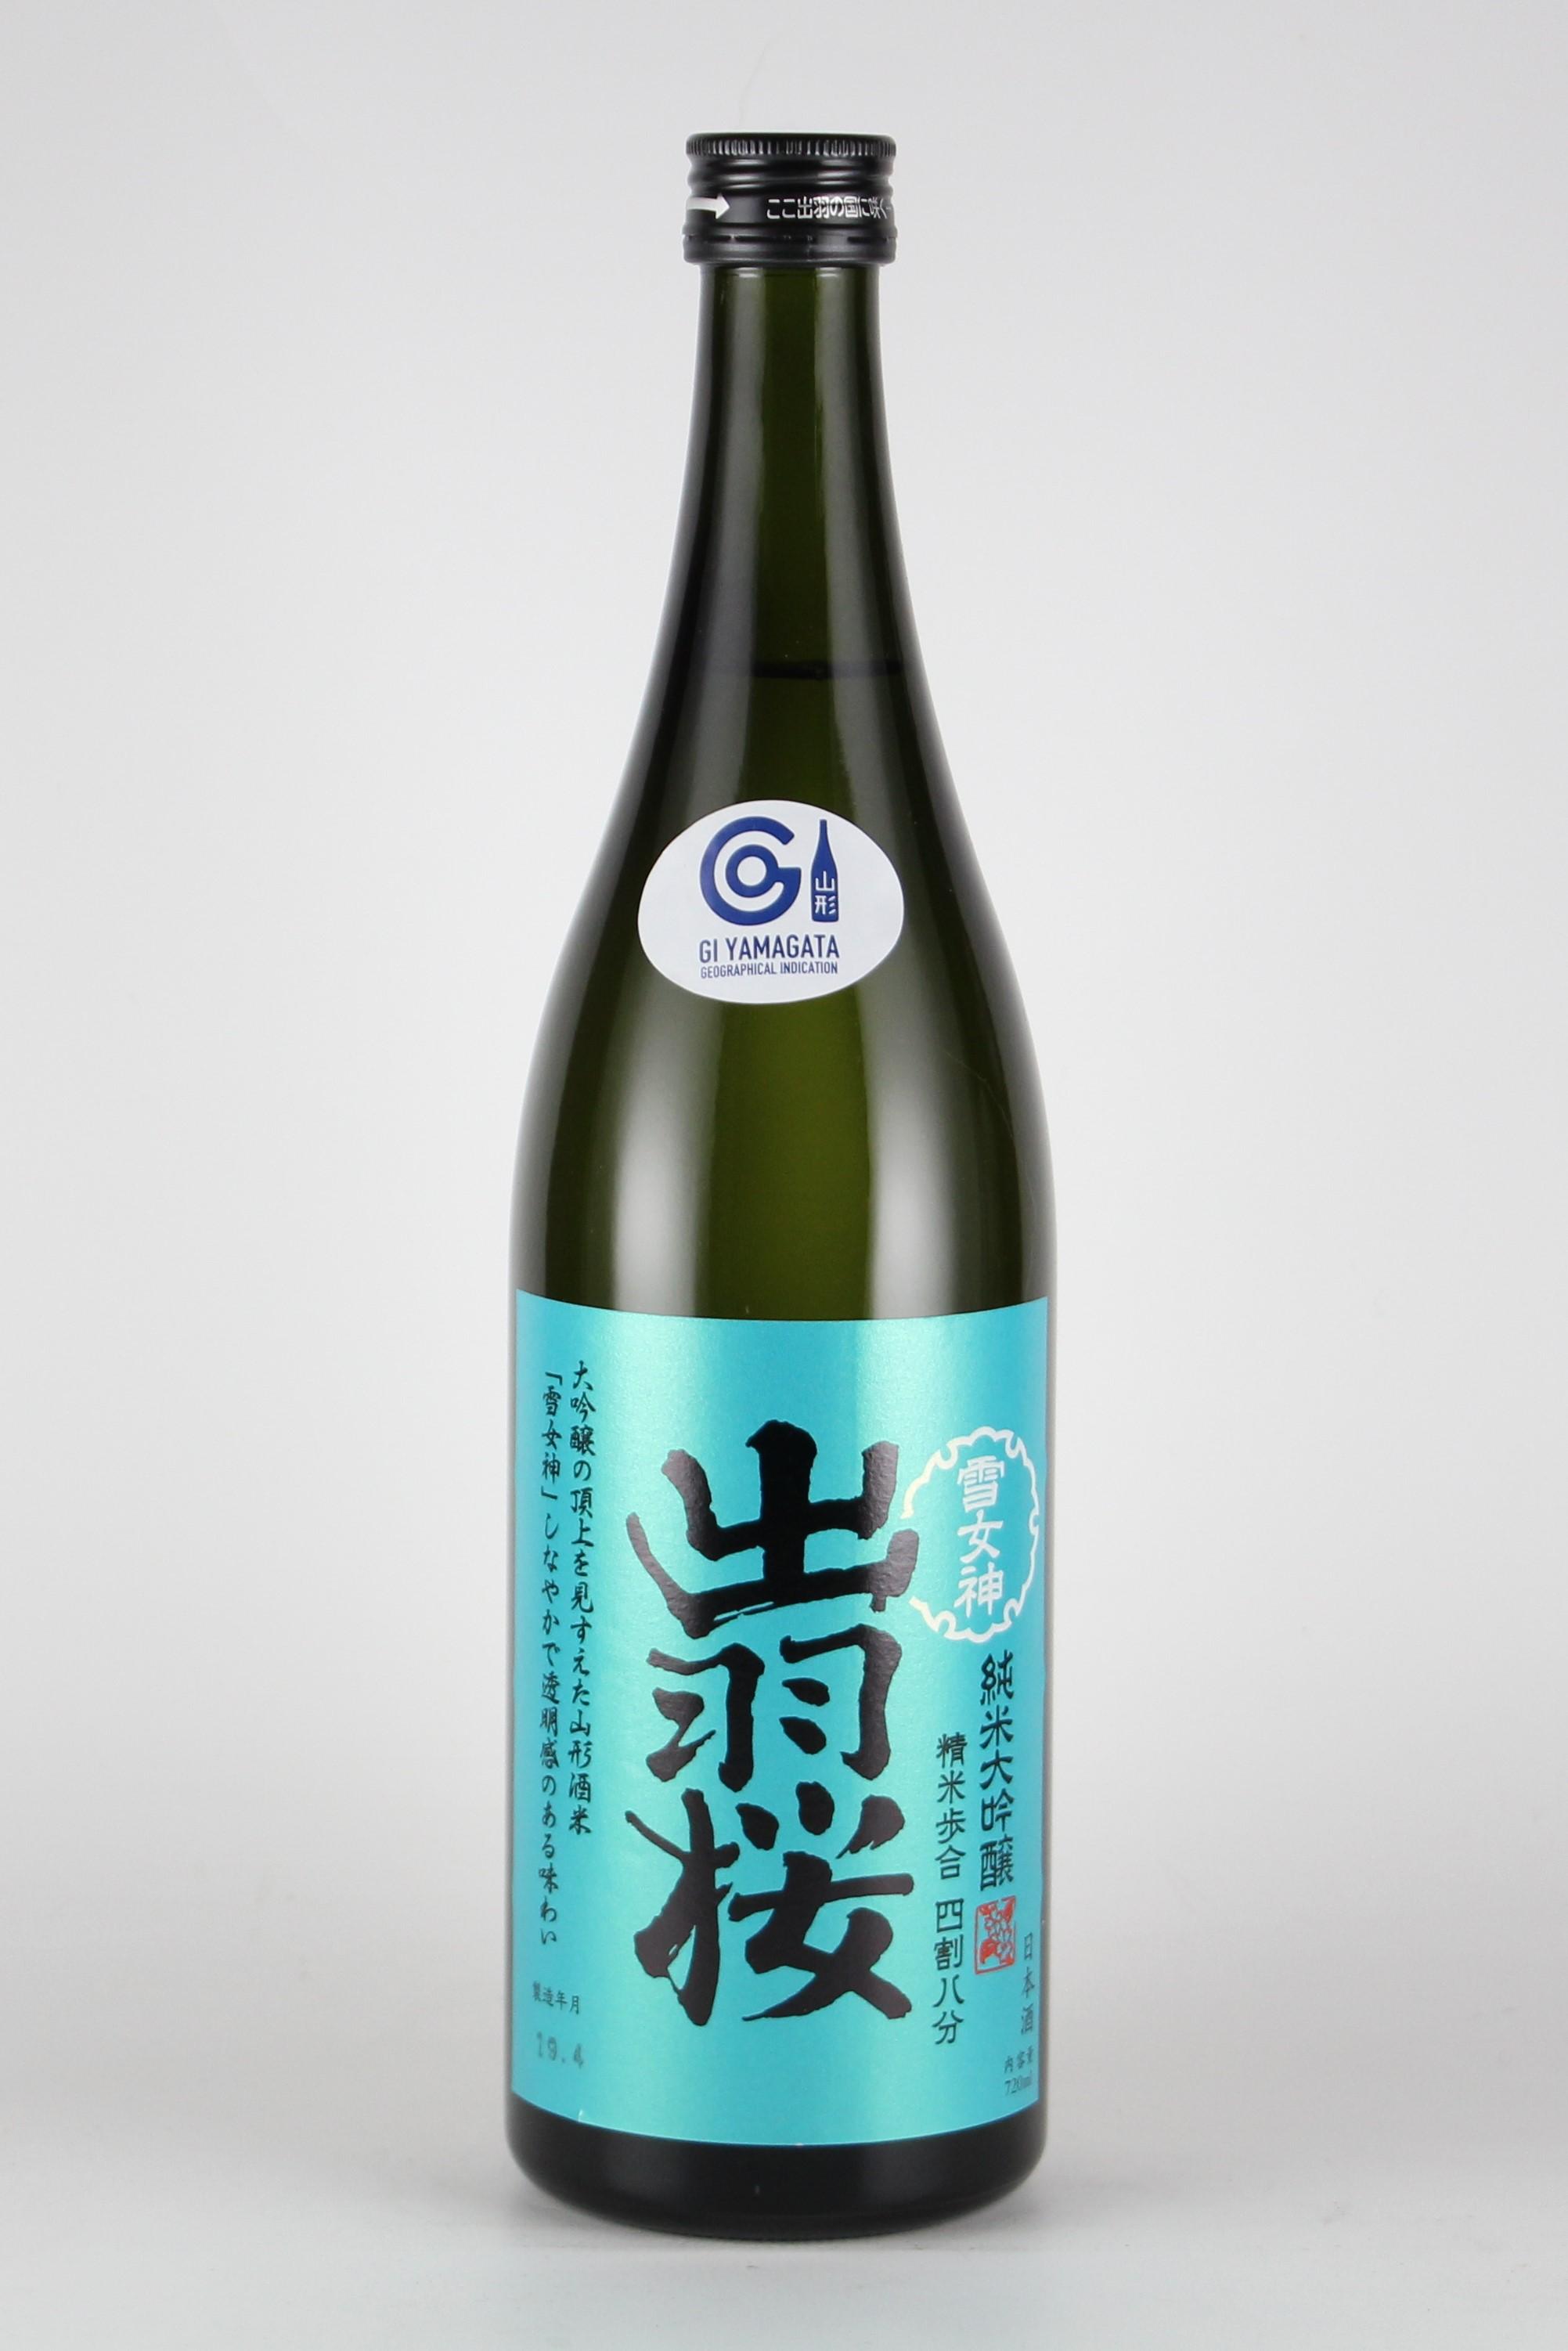 出羽桜 純米大吟醸 雪女神48 720ml 【山形/出羽桜酒造】